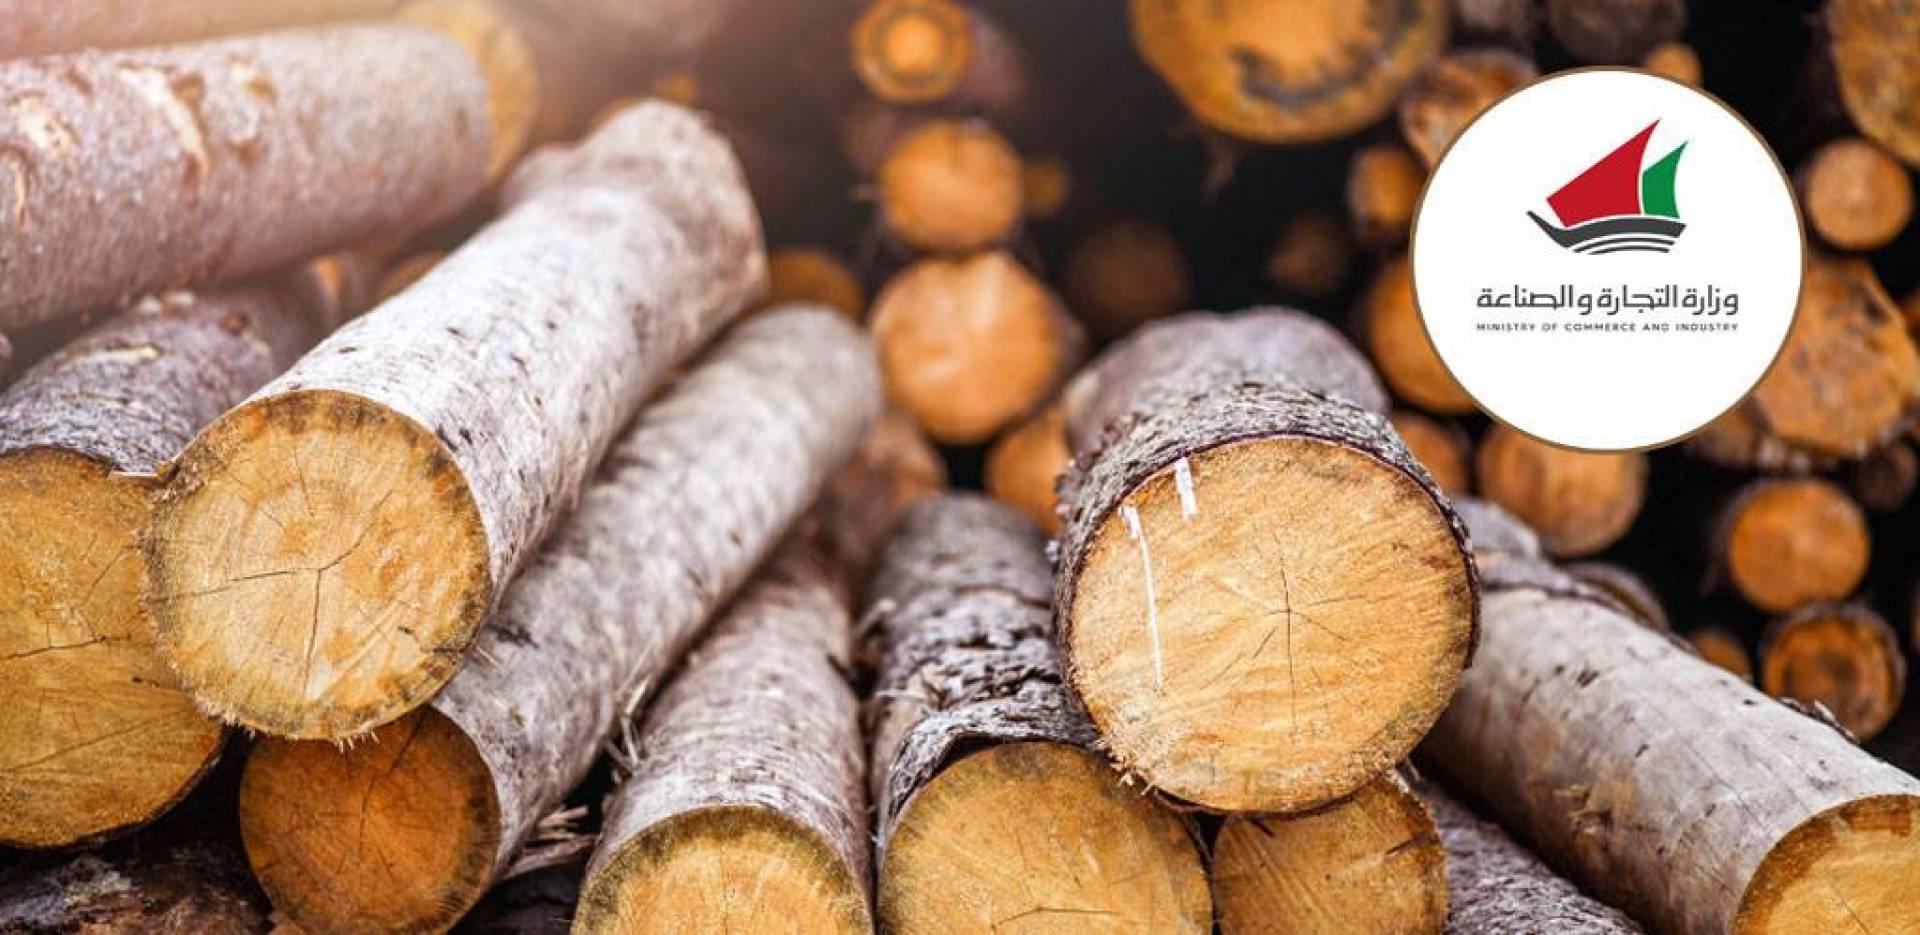 «التجارة» تحظر عرض أو بيع أو تسويق الأخشاب المحتطبة محلياً